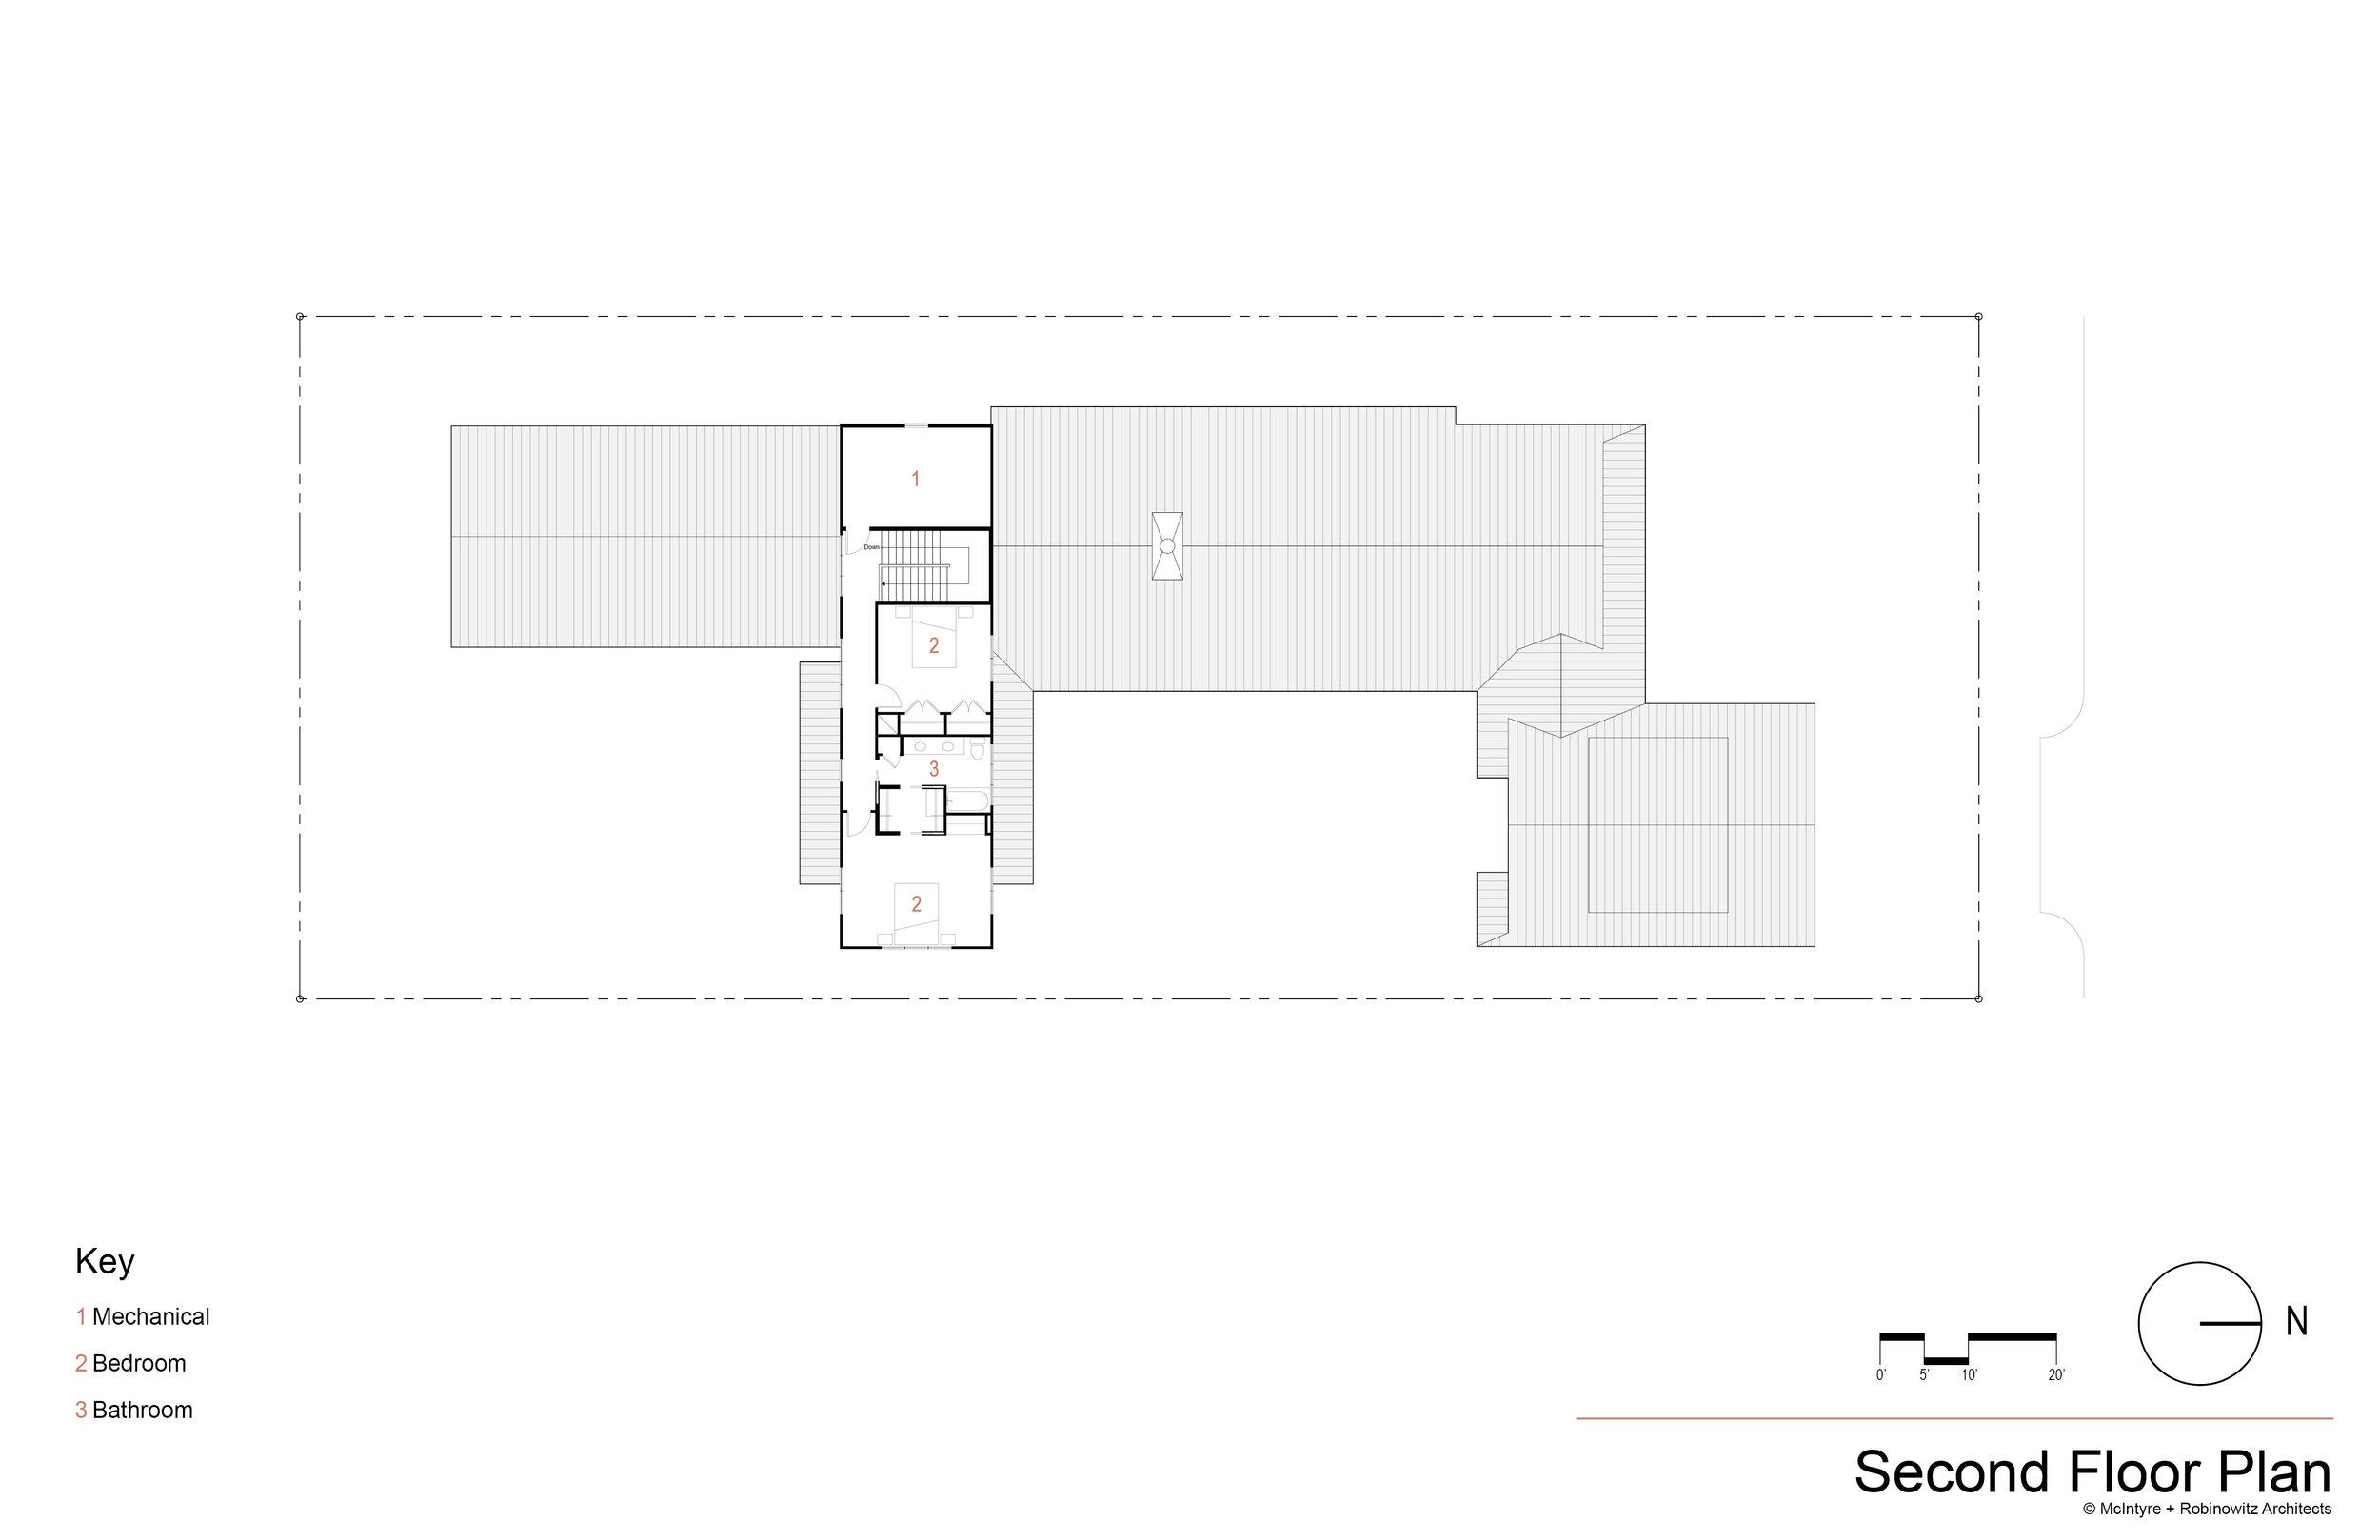 Stuart floor plan 2.jpg